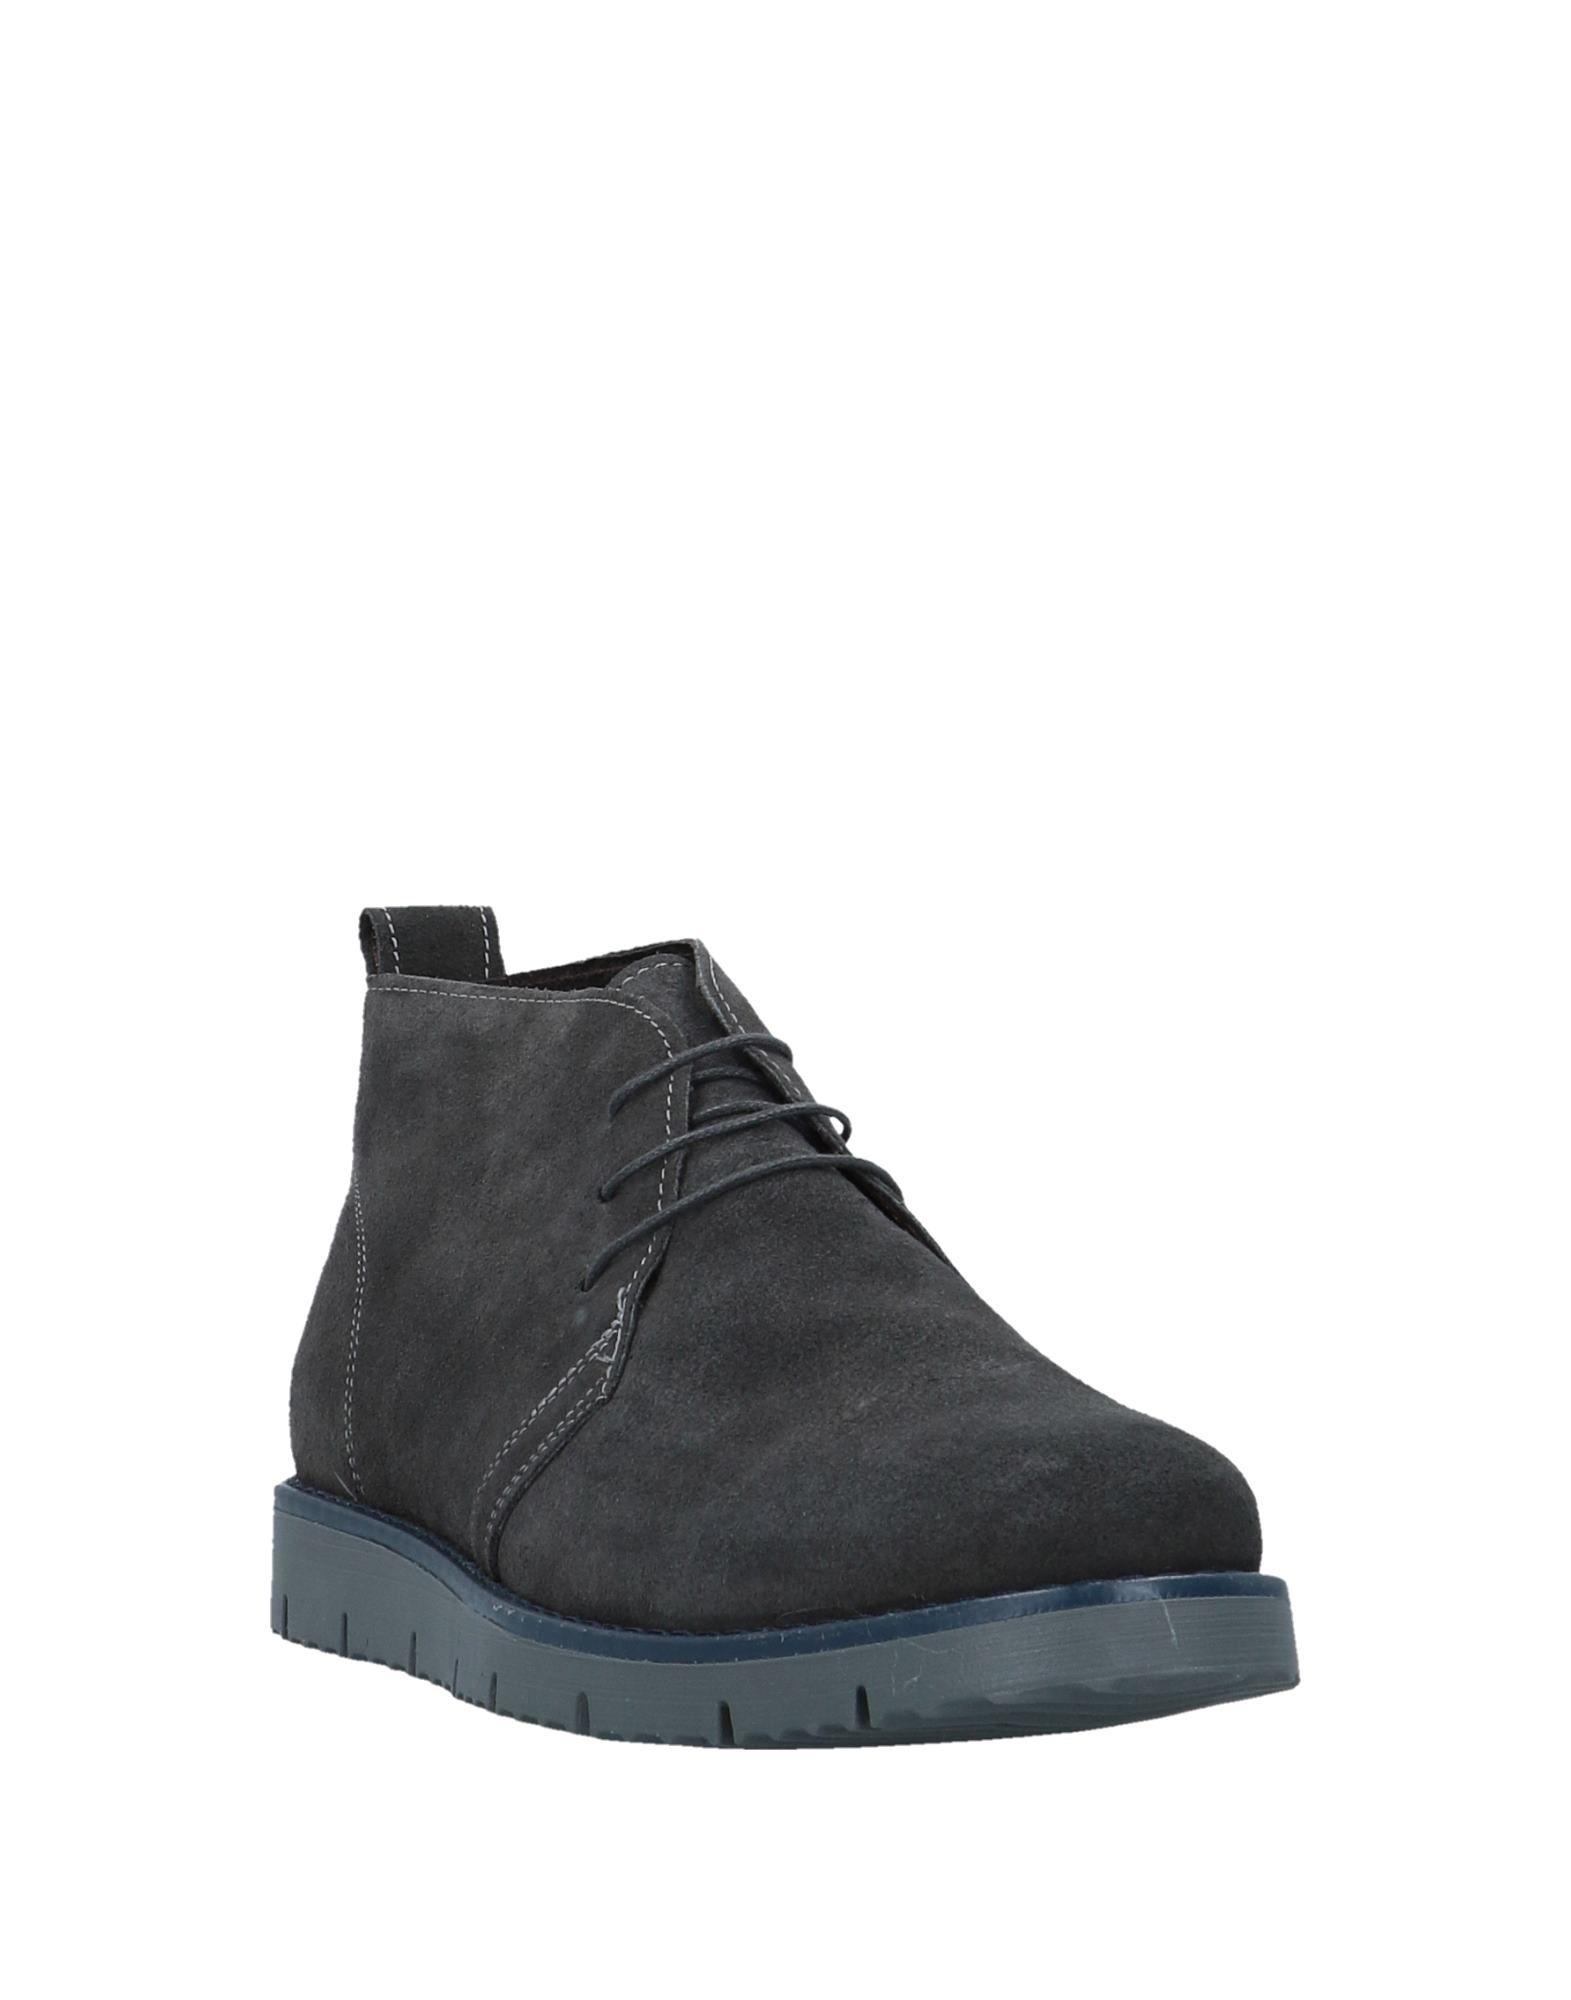 Rabatt echte Schuhe Roberto Della Croce Stiefelette Herren  11533437WC